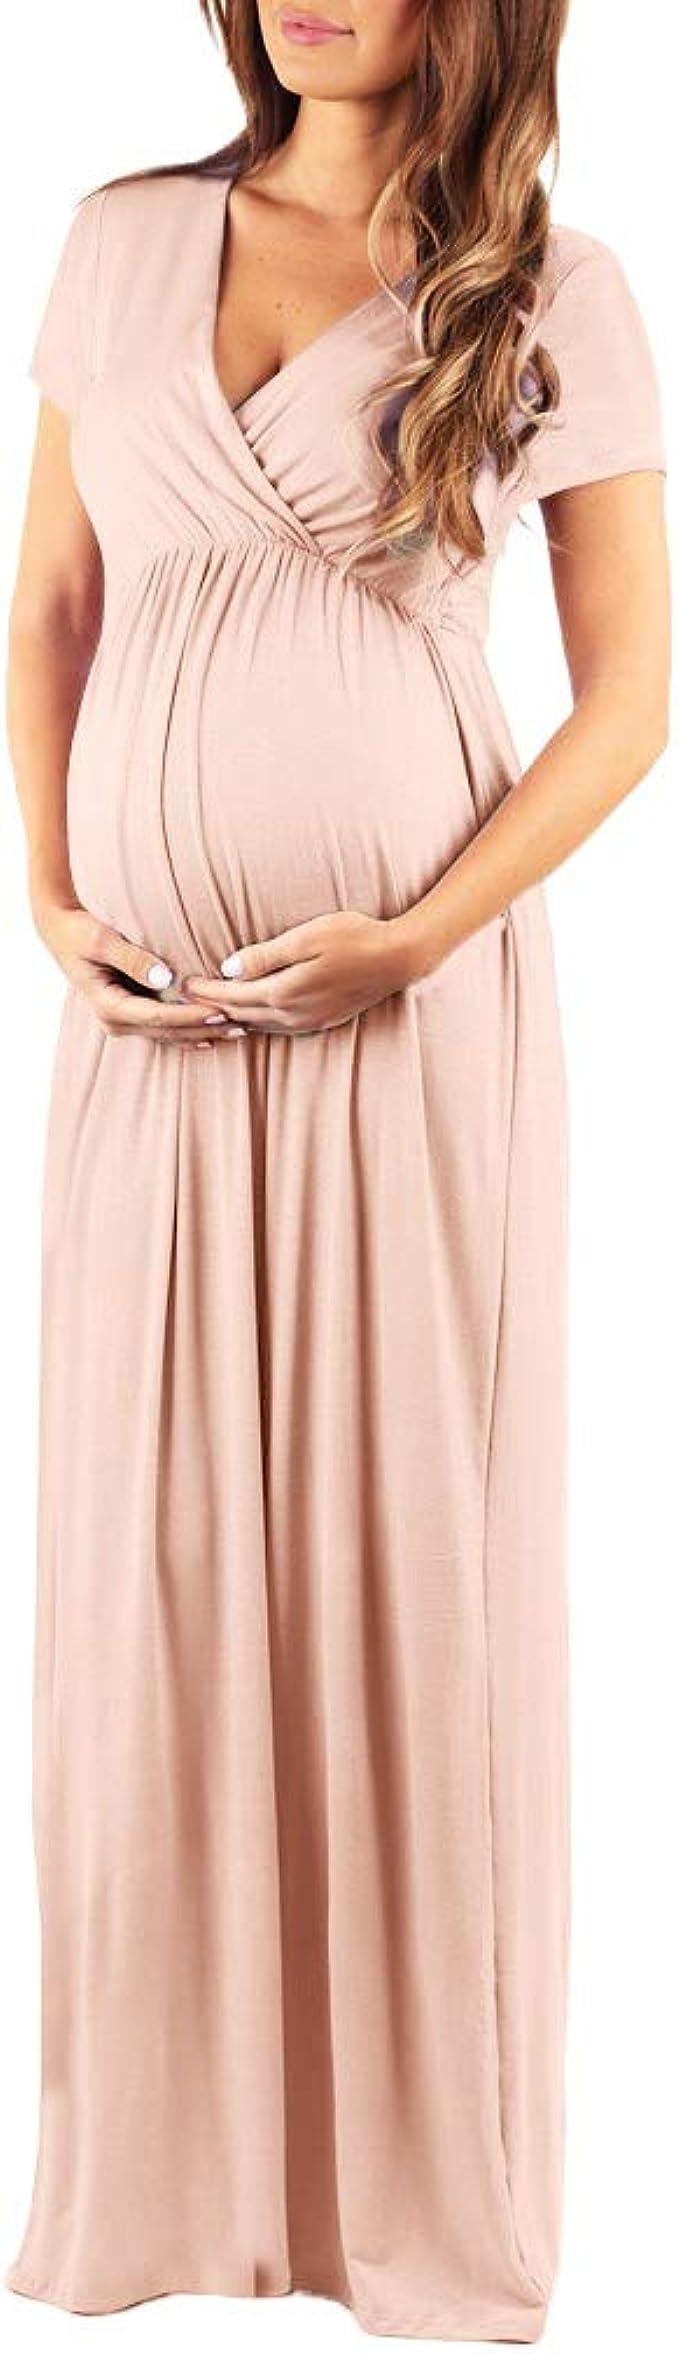 Lenfesh Umstandskleid Damen, Mutterschaft Lang Umstandsmode Sommerkleid  Fotoshooting Schwangerschaft Stillkleider Maxikleid Abendkleider Damen